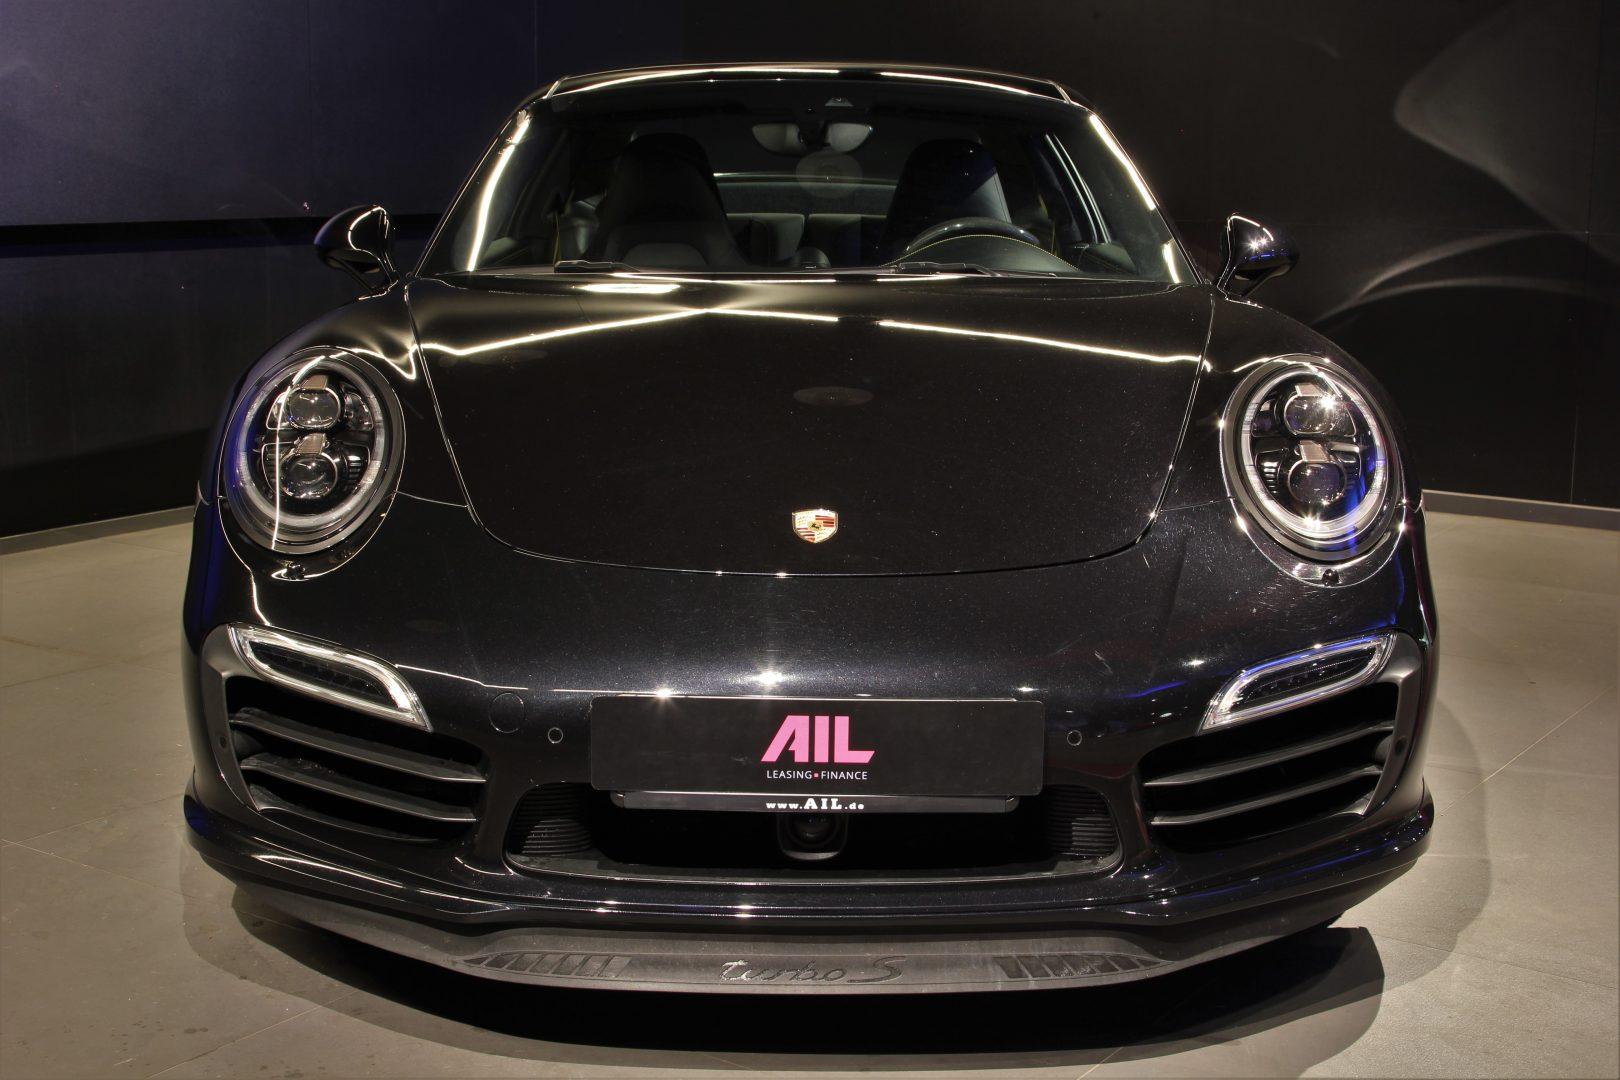 AIL Porsche 911 991 Turbo S Carbon Paket PCCB 7